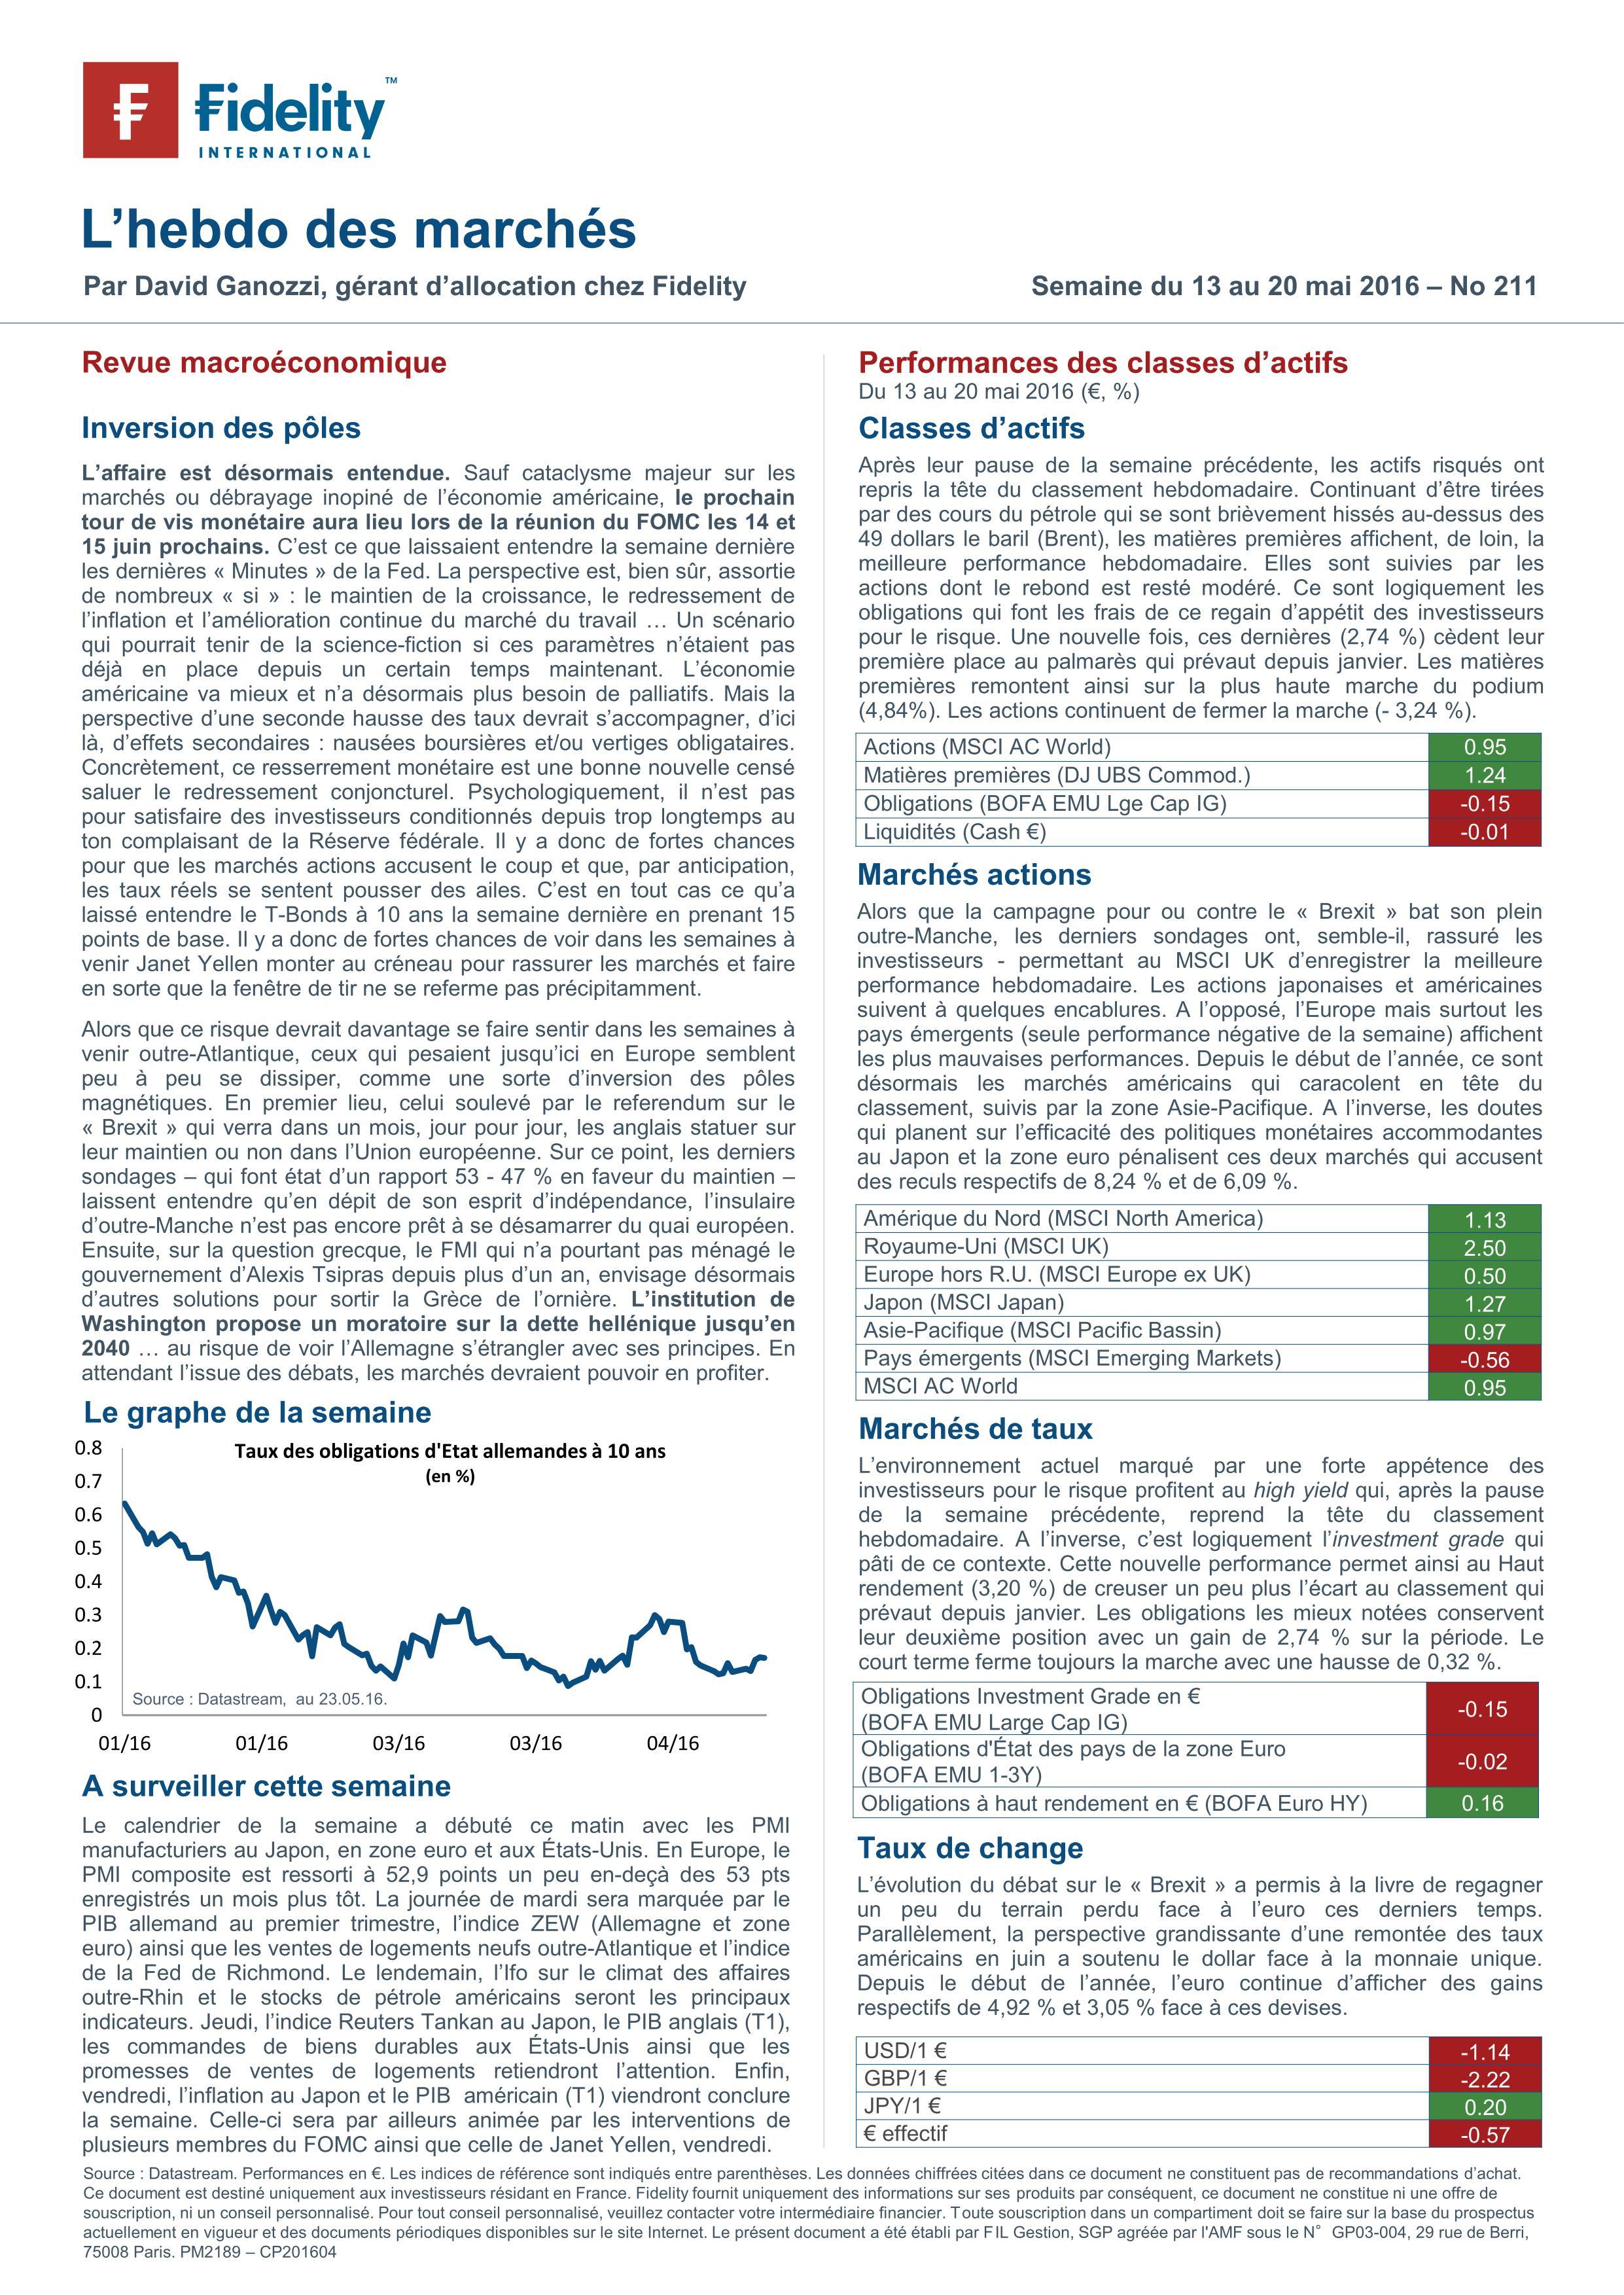 Fidelity - #211 L'hebdo des marchés - Inversion des pôles - Particuliers_01